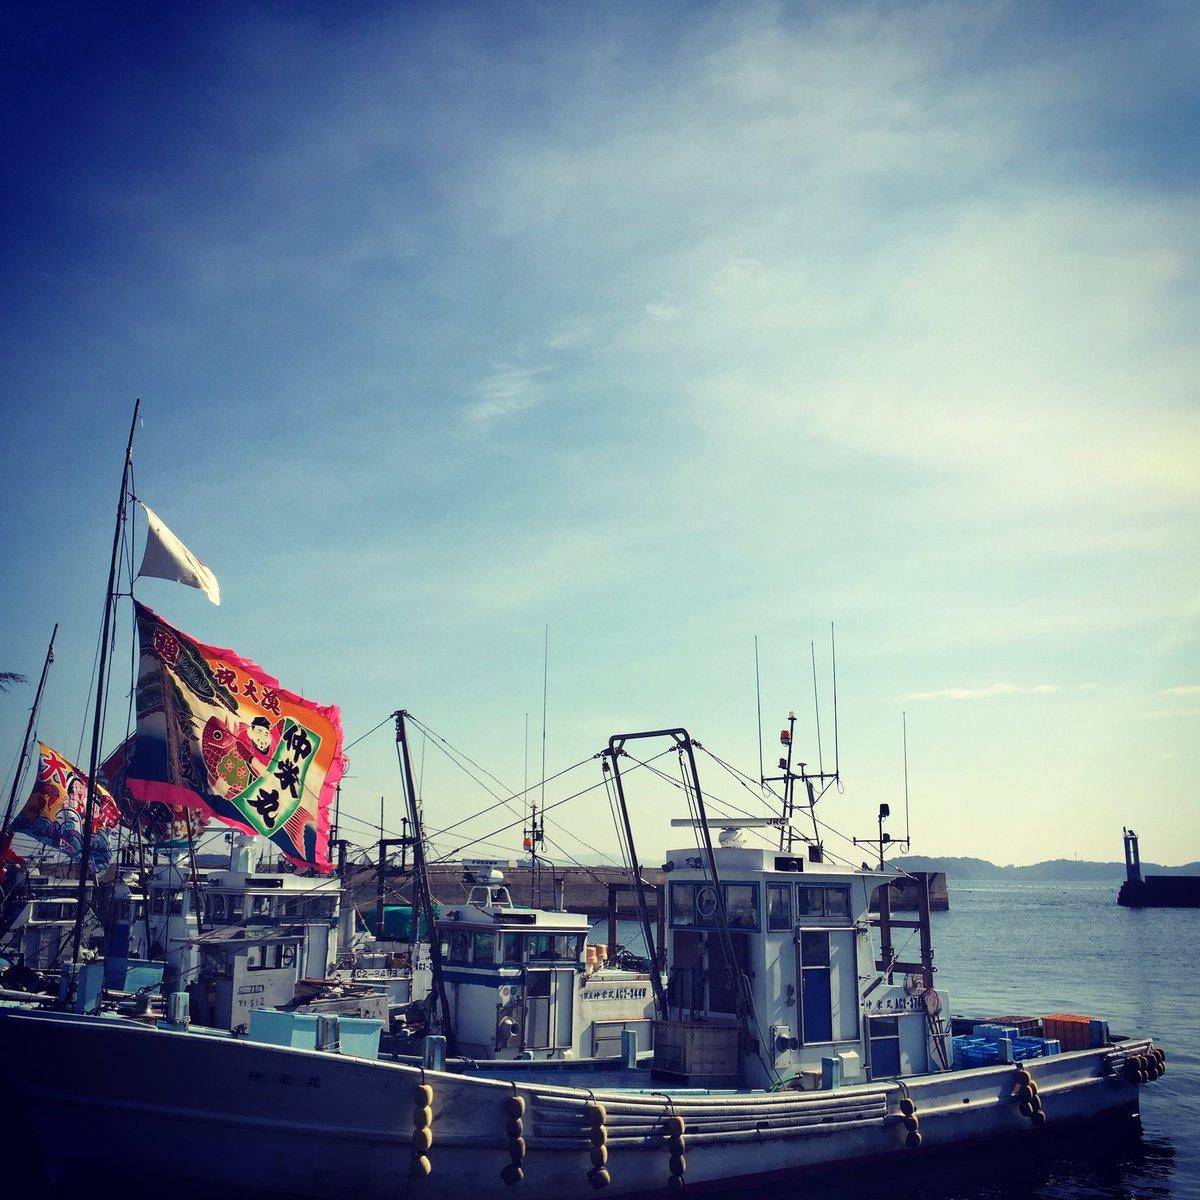 大漁旗を掲げた勇壮な漁船! 鳥居三洋様